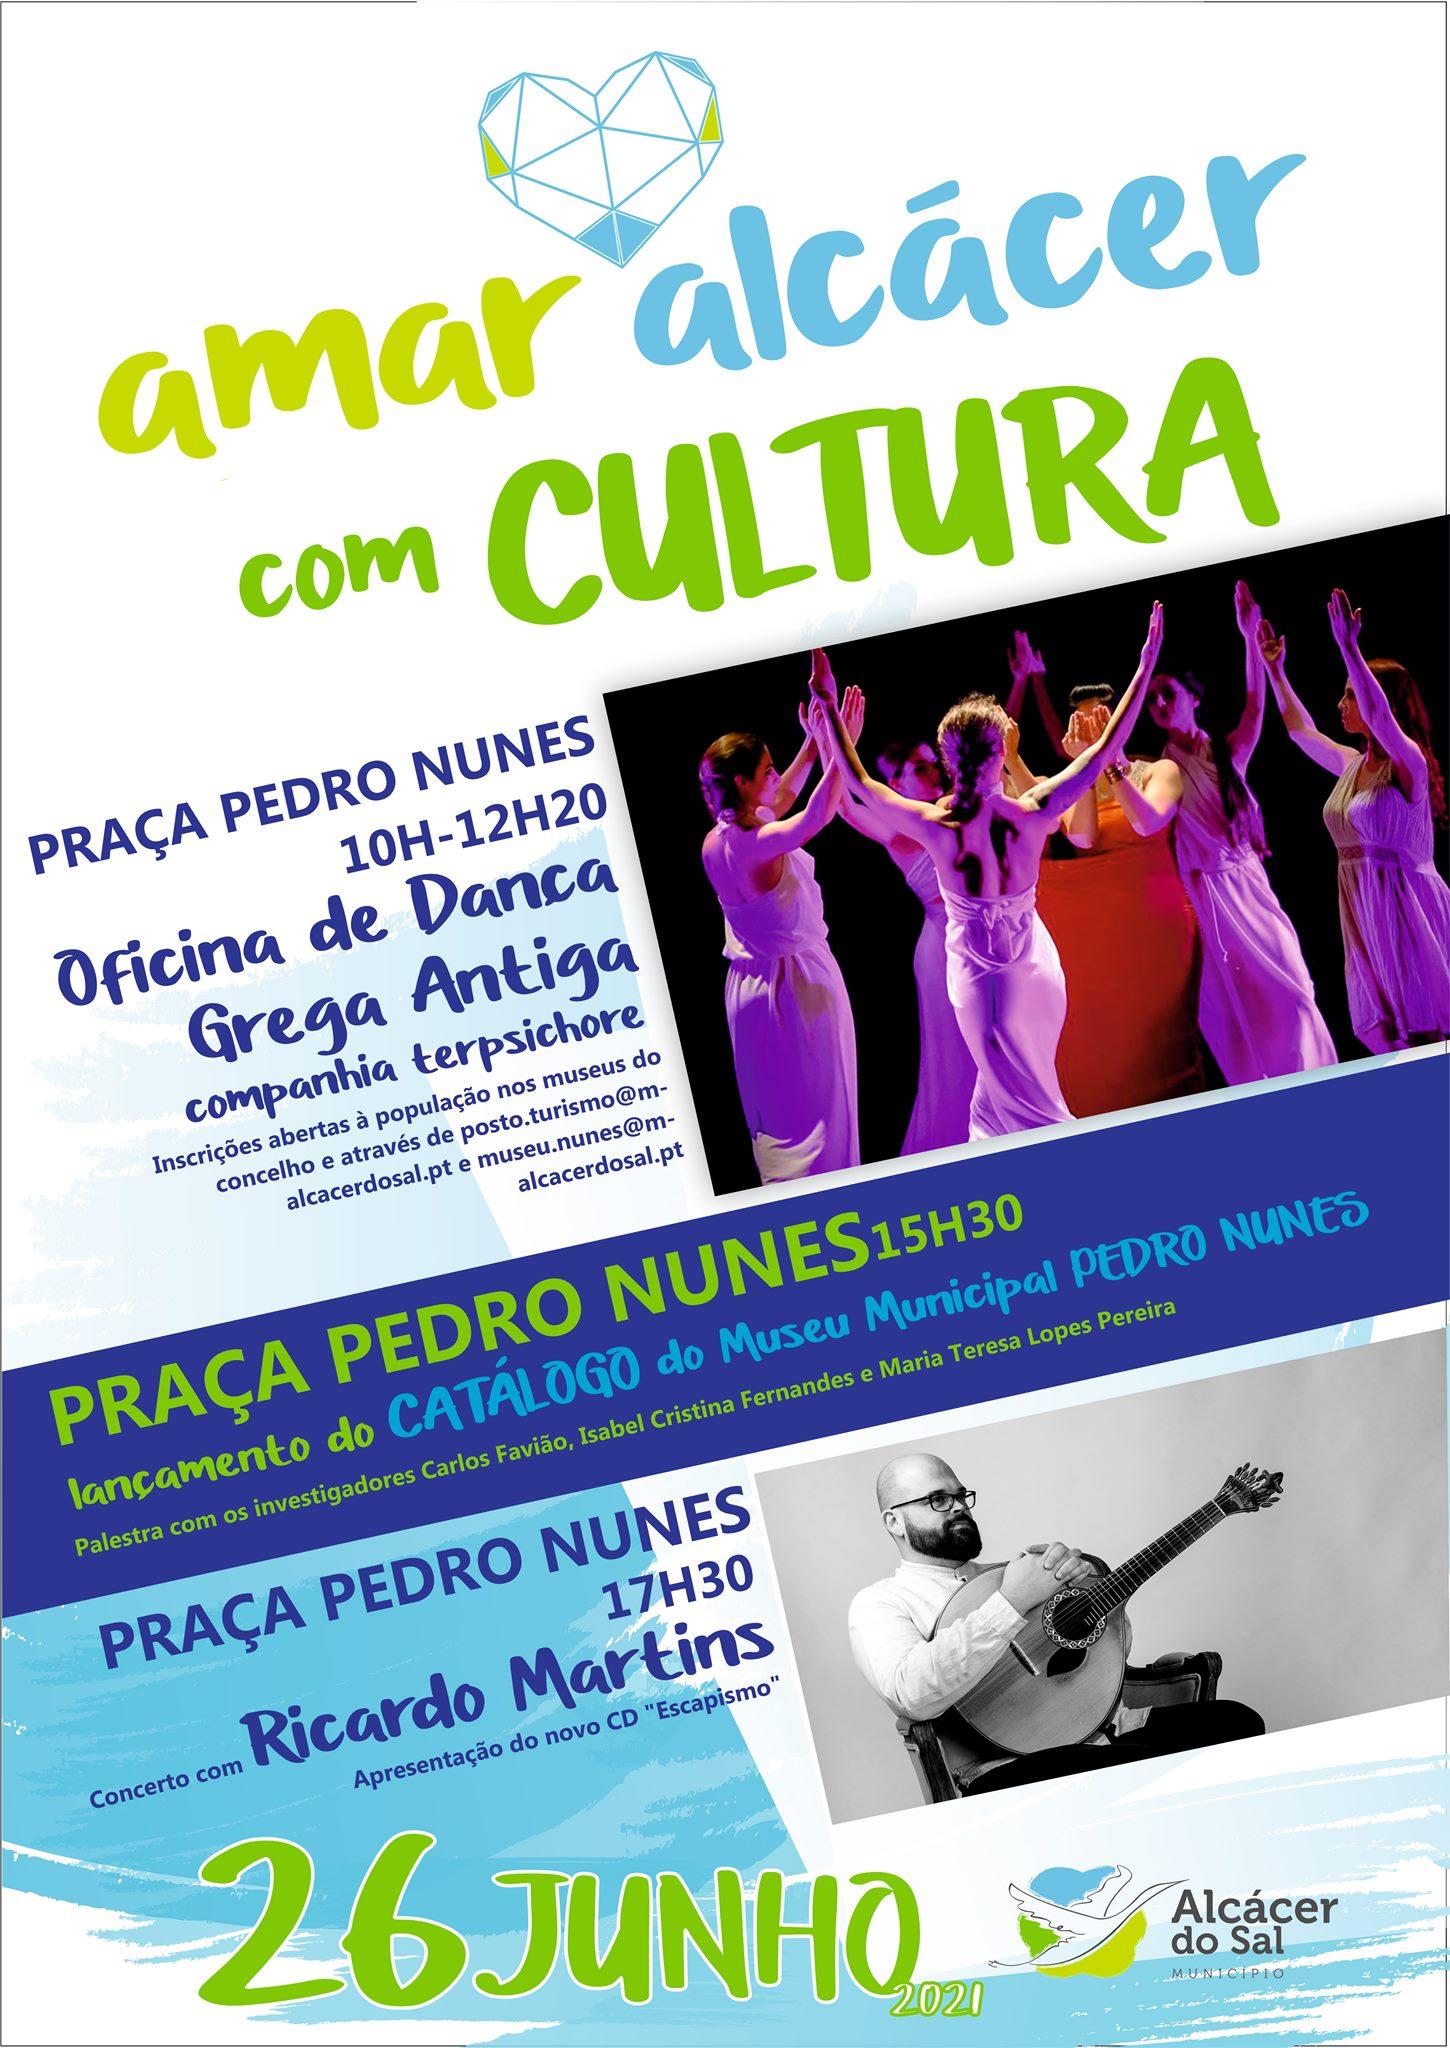 Lançamento do catálogo do Museu Municipal Pedro Nunes